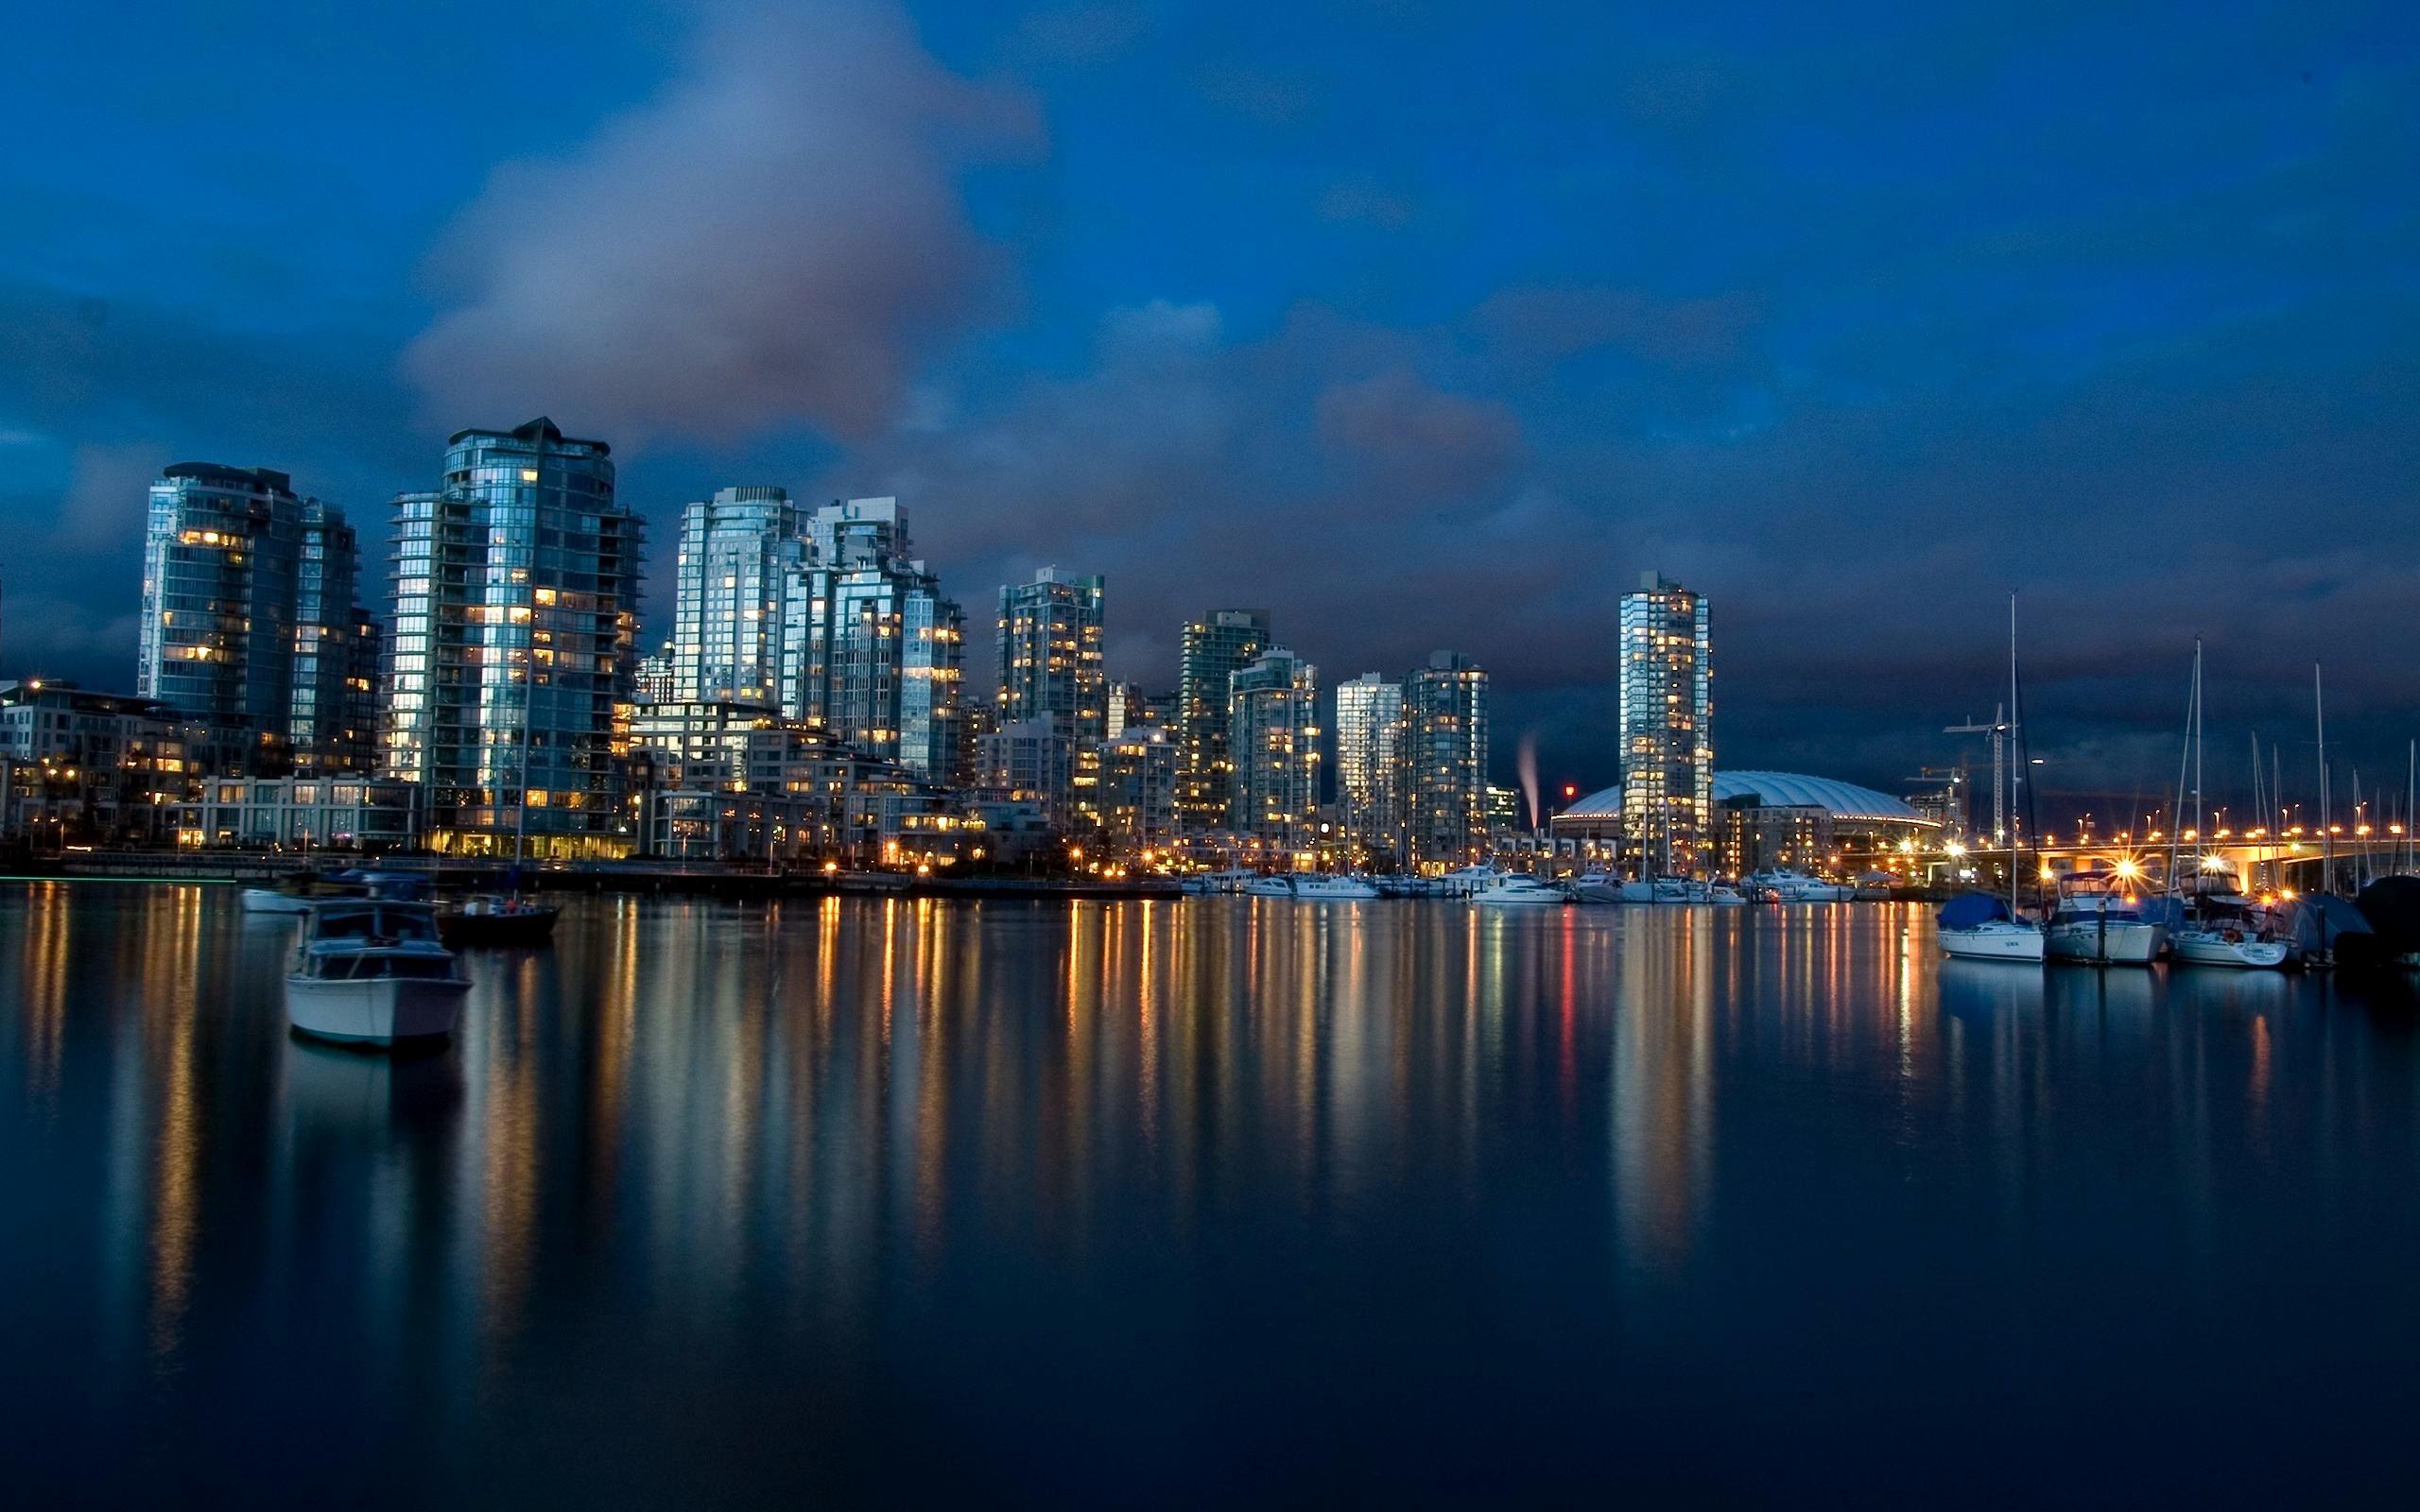 Vancouver Port Skyline Wallpaper For Desktop